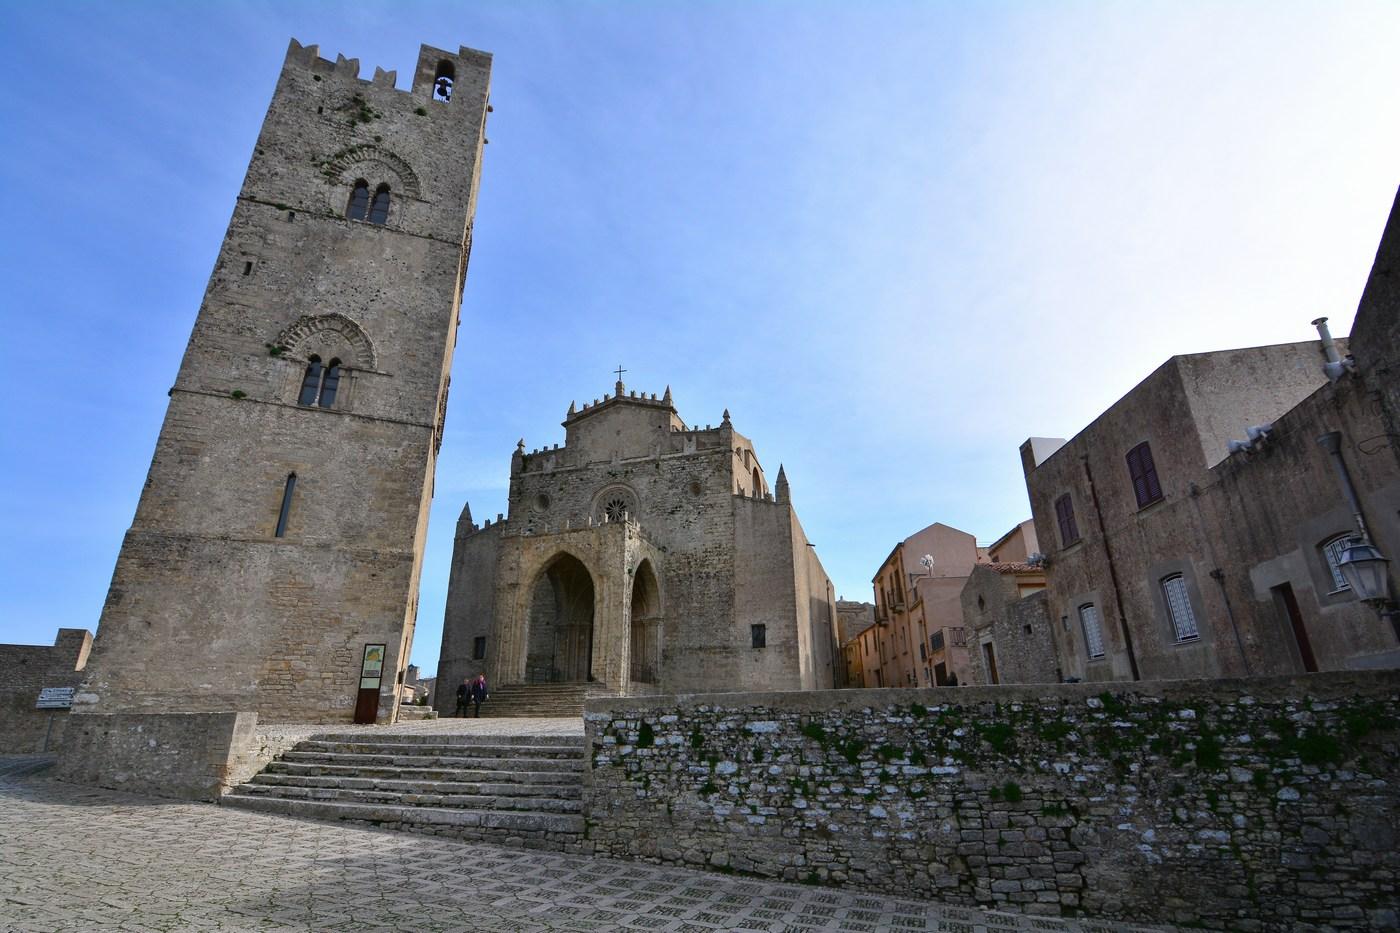 La cathédrale, ou Chiesa matrice, dédiée à Marie, date pour sa partie la plus ancienne du XIVème siècle, avec un style gothique.